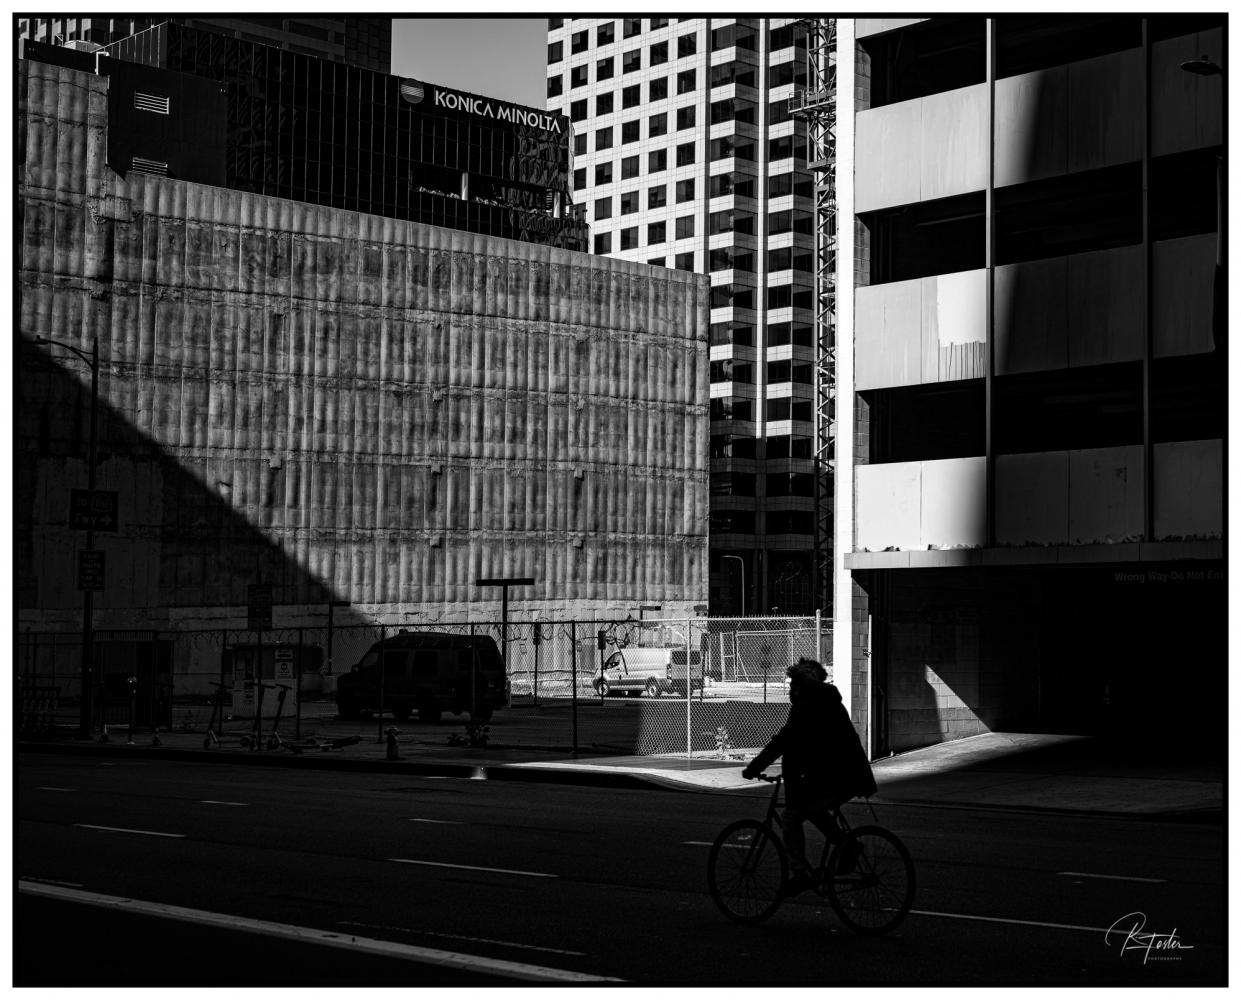 ©2021 Reginald Foster